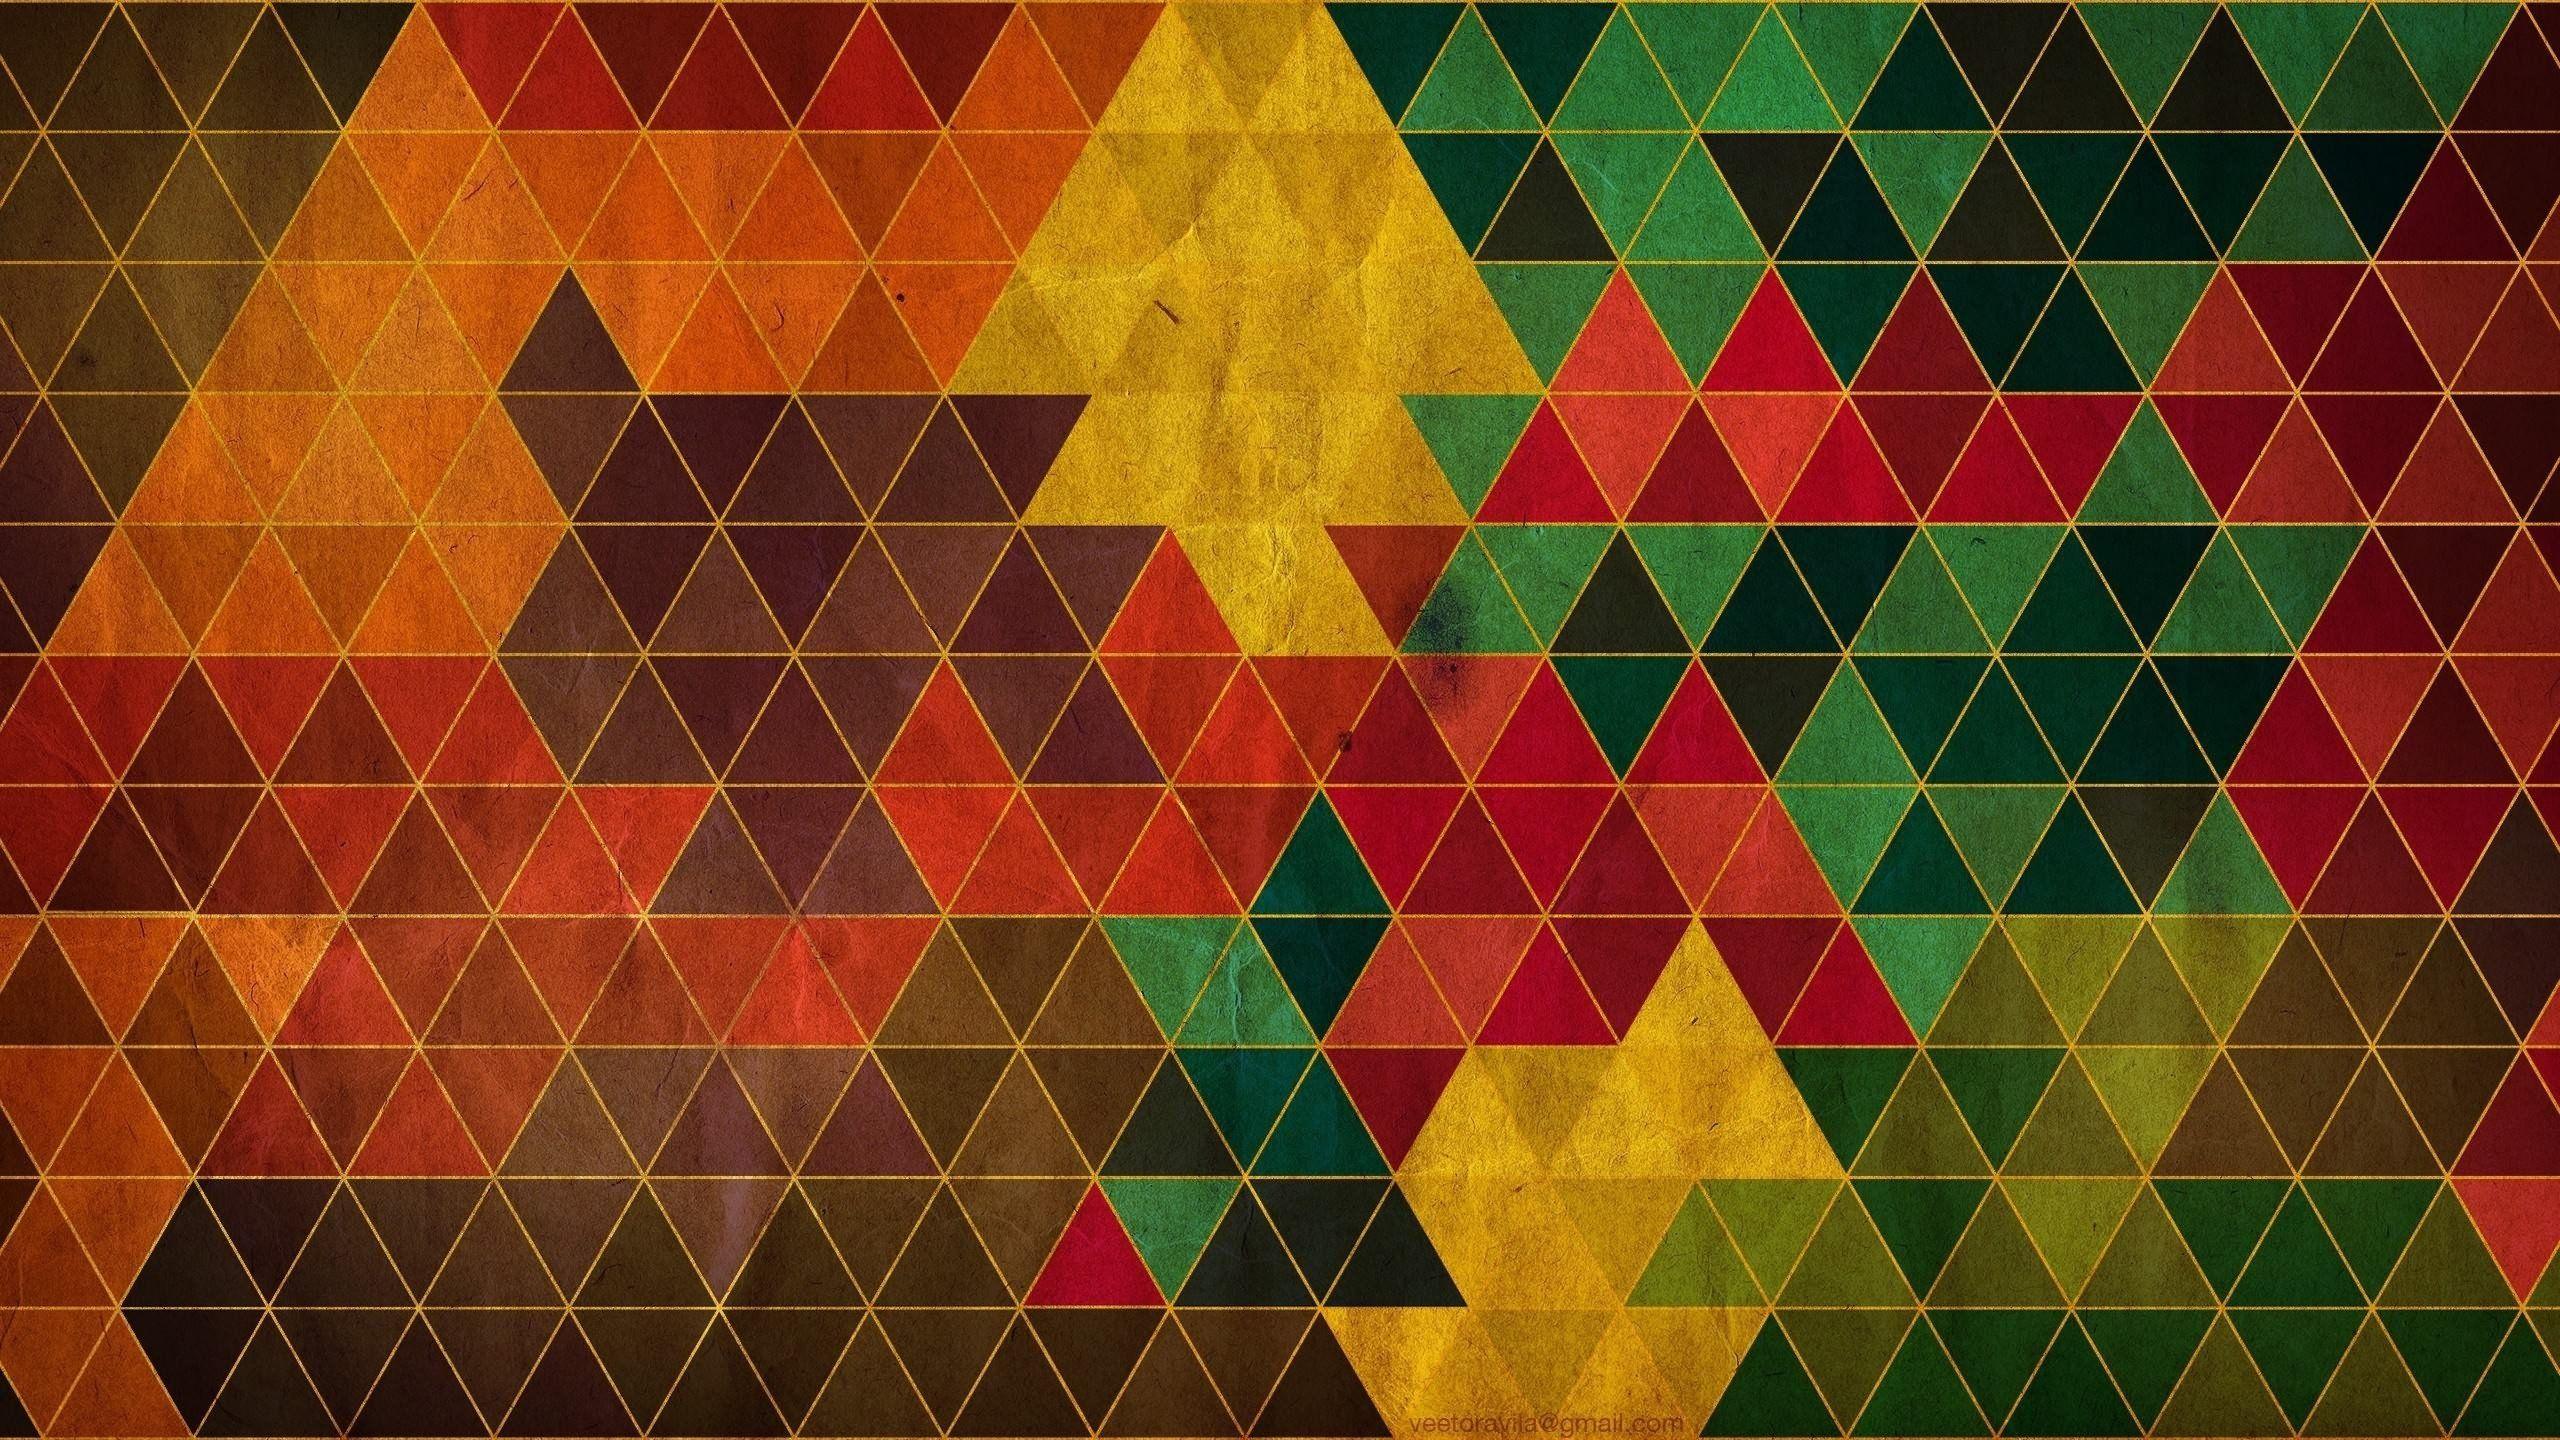 картинки с треугольниками графика обоями